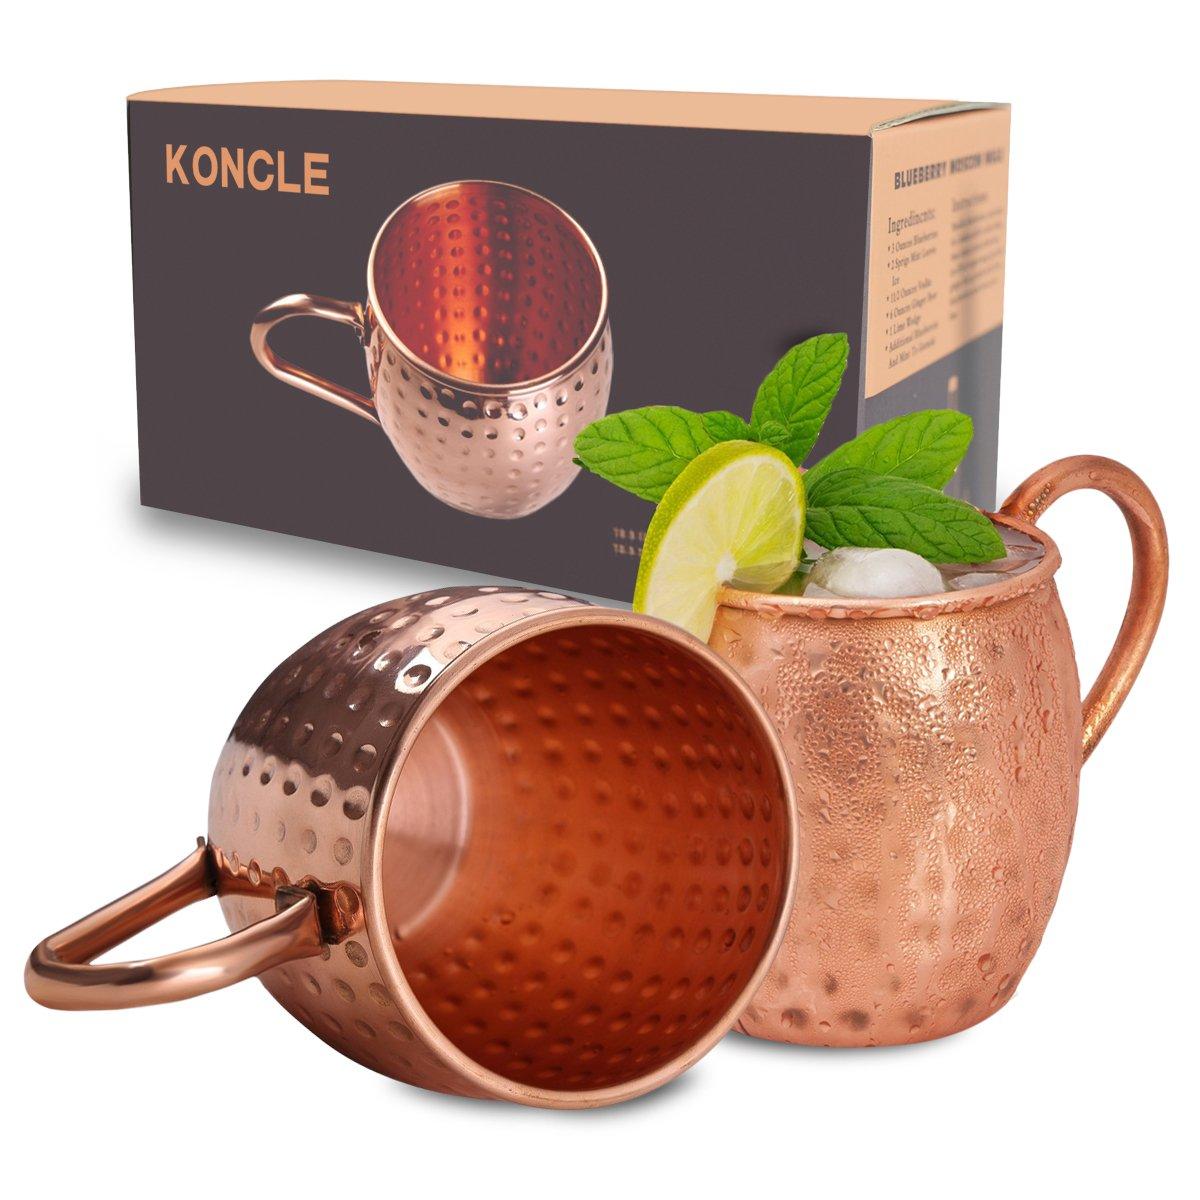 Koncle手作り銅モスコミュールマグカップ&打ち出し銅マグカップ。100 %純粋な銅ミュールマグ、マグギフトセット、2のセットマグカップ( 18.5 Oz )   B06Y5JX14T